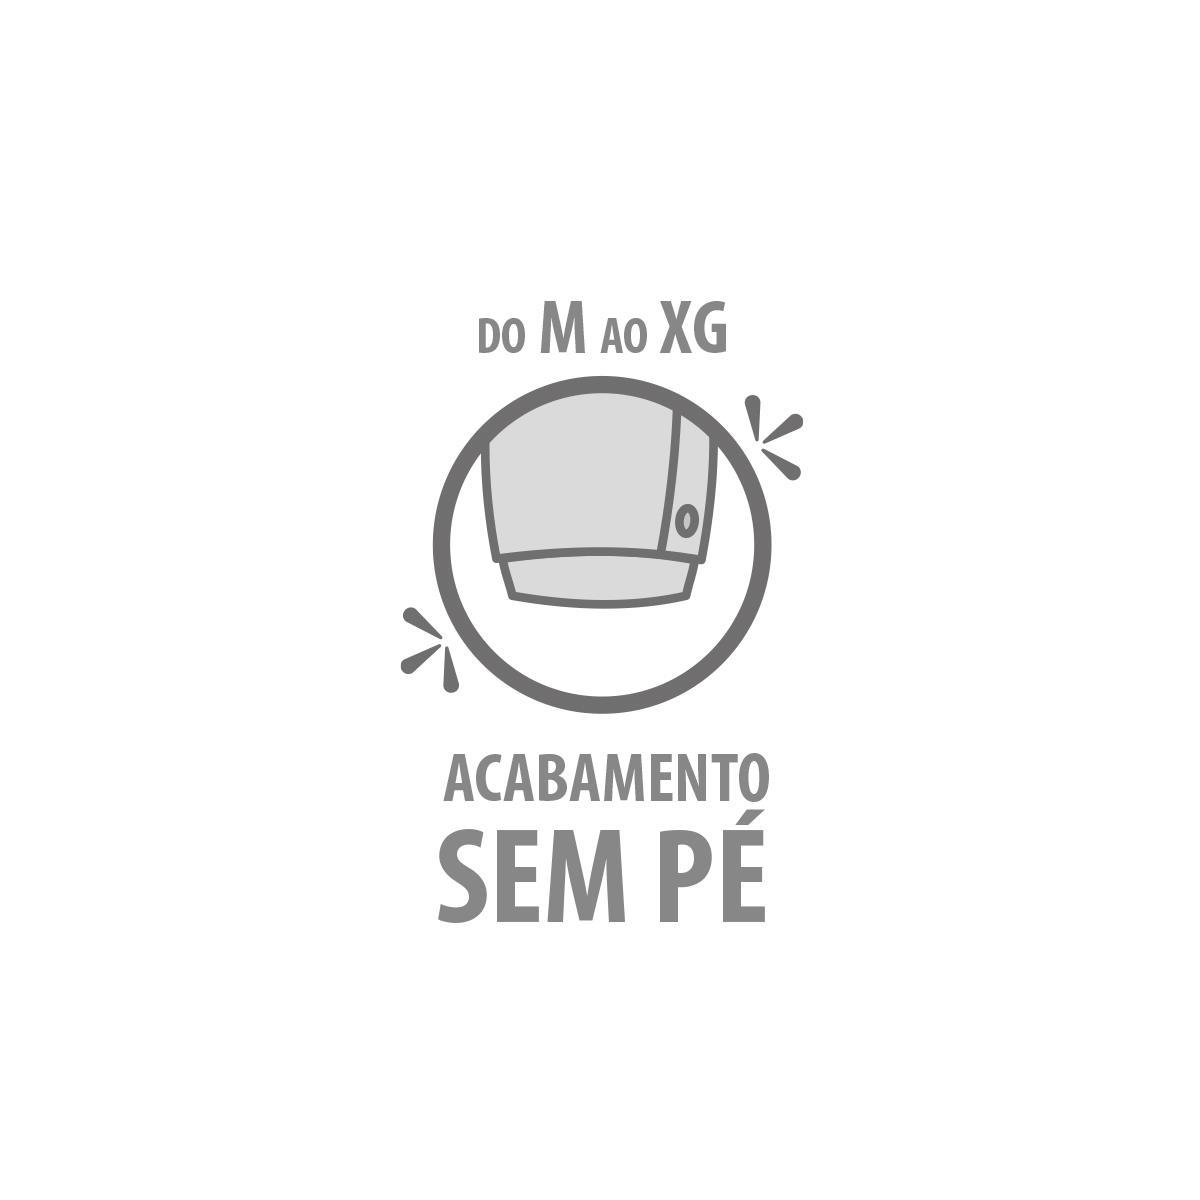 Macacão Zíper Caracol - Tamanhos RN e P com pezinho; M, G e XG sem pezinho  - Piu Blu